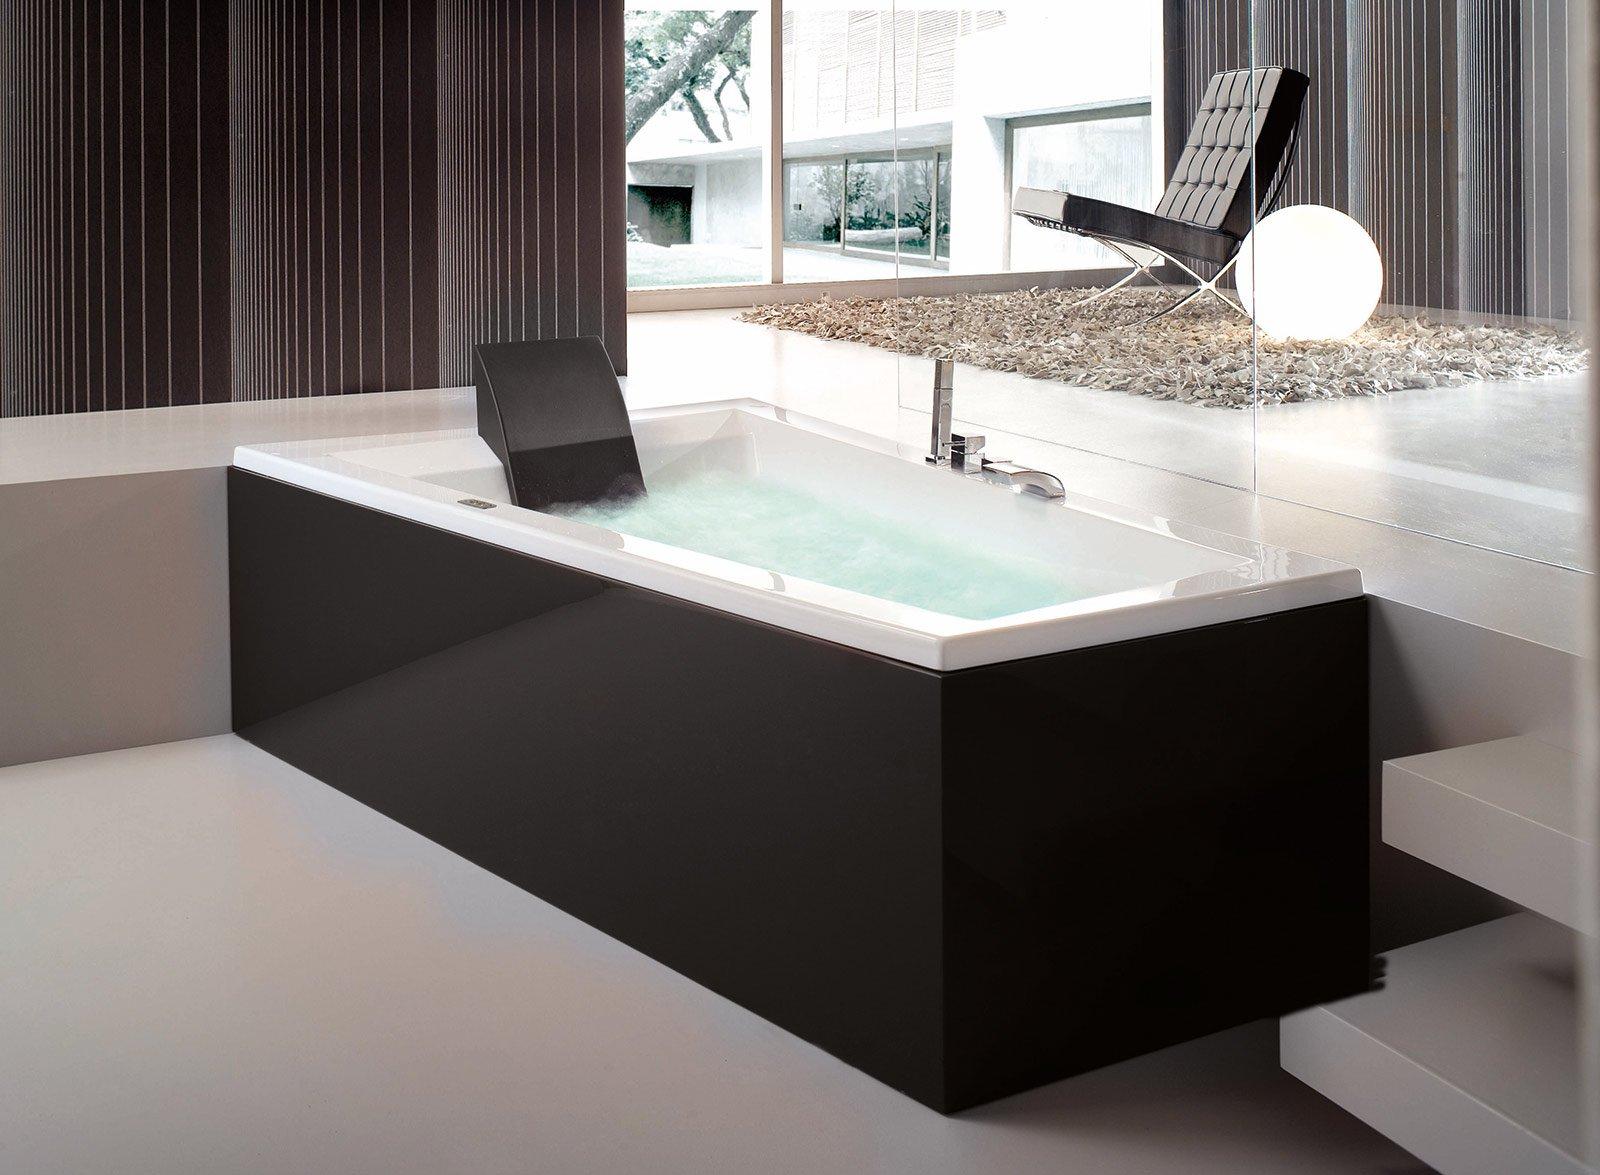 luci bagno : Vasca Da Bagno Con Luci : Bagno con un tocco di nero - Cose di Casa